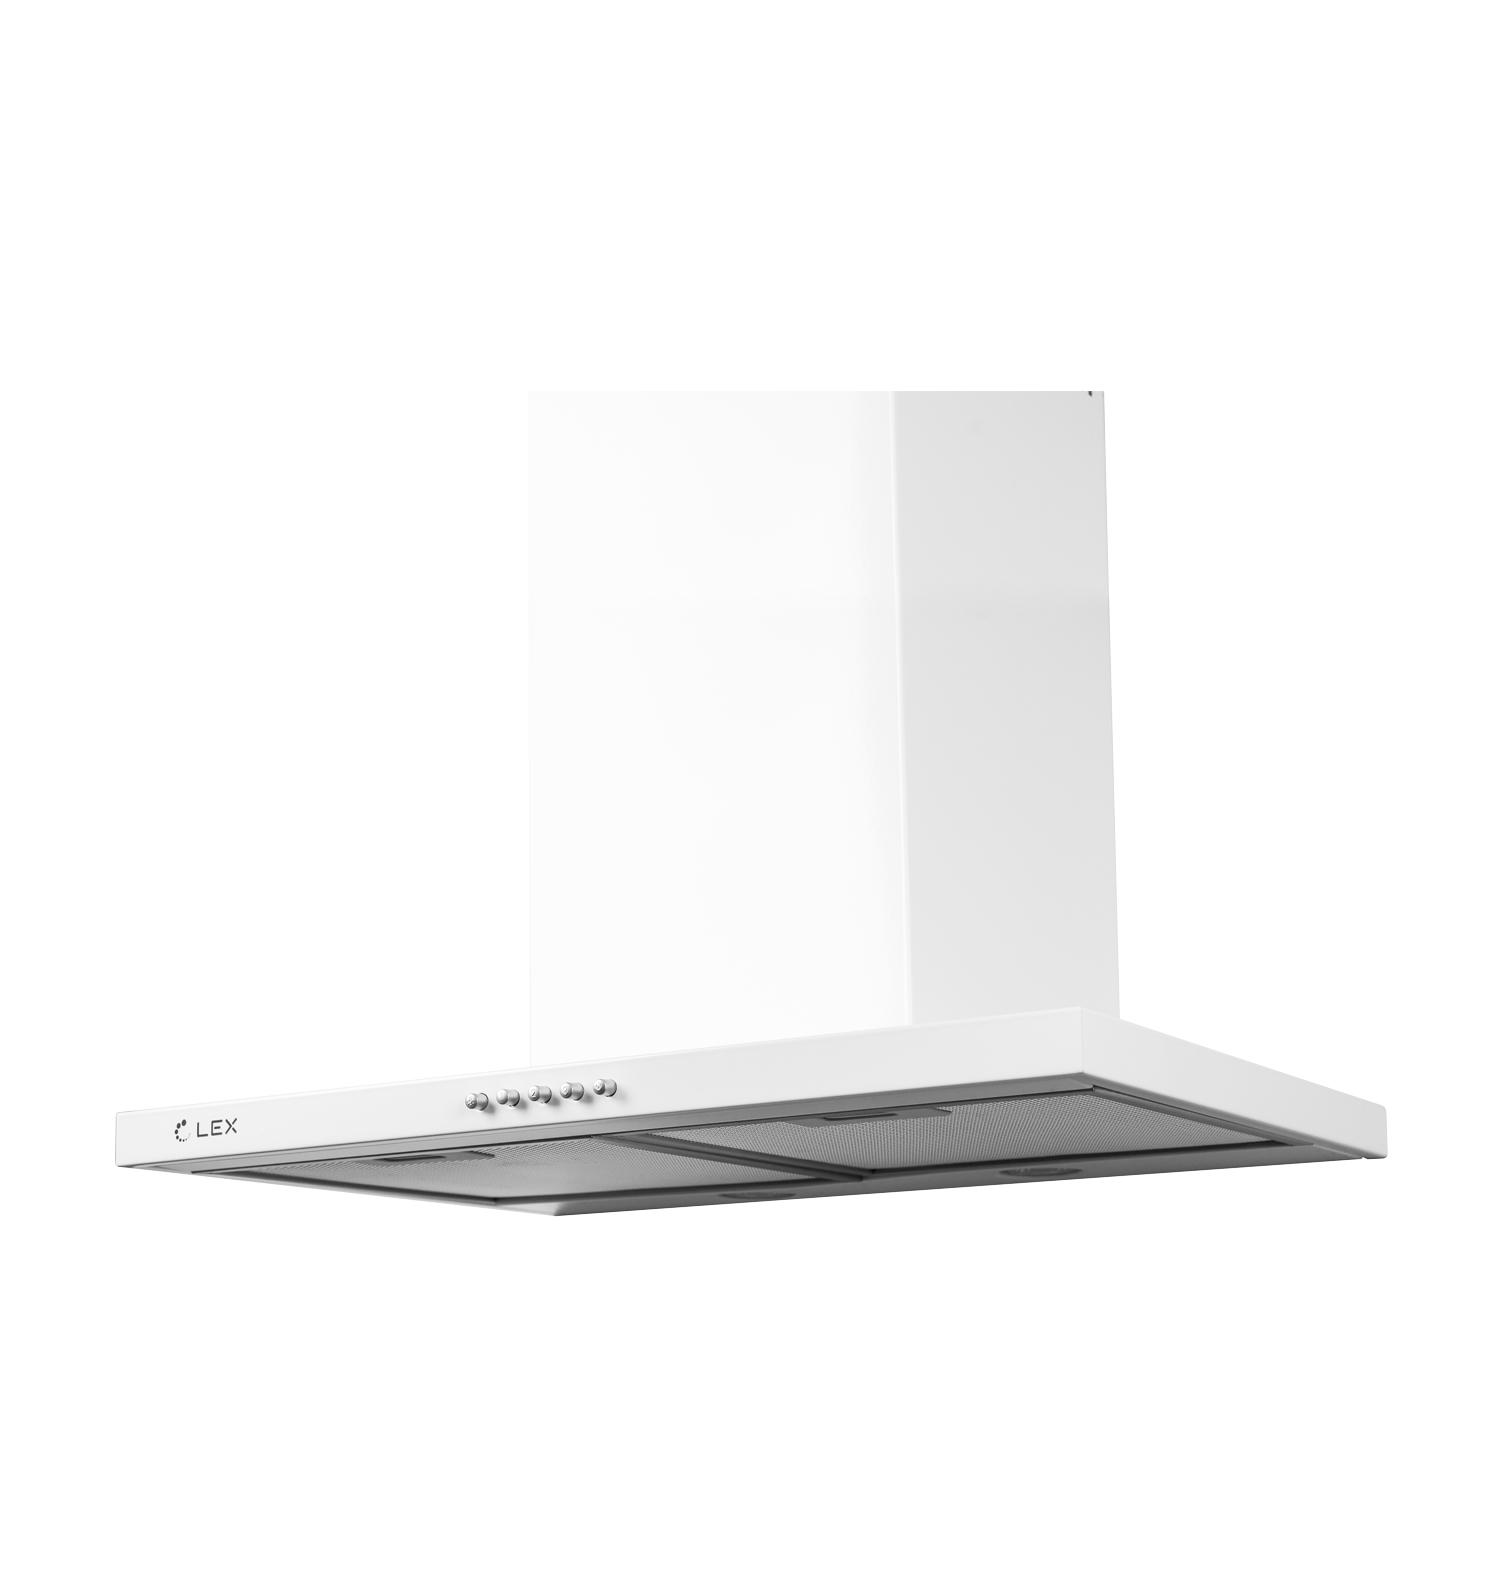 Декоративная вытяжка LEX T 600 WHITE купить